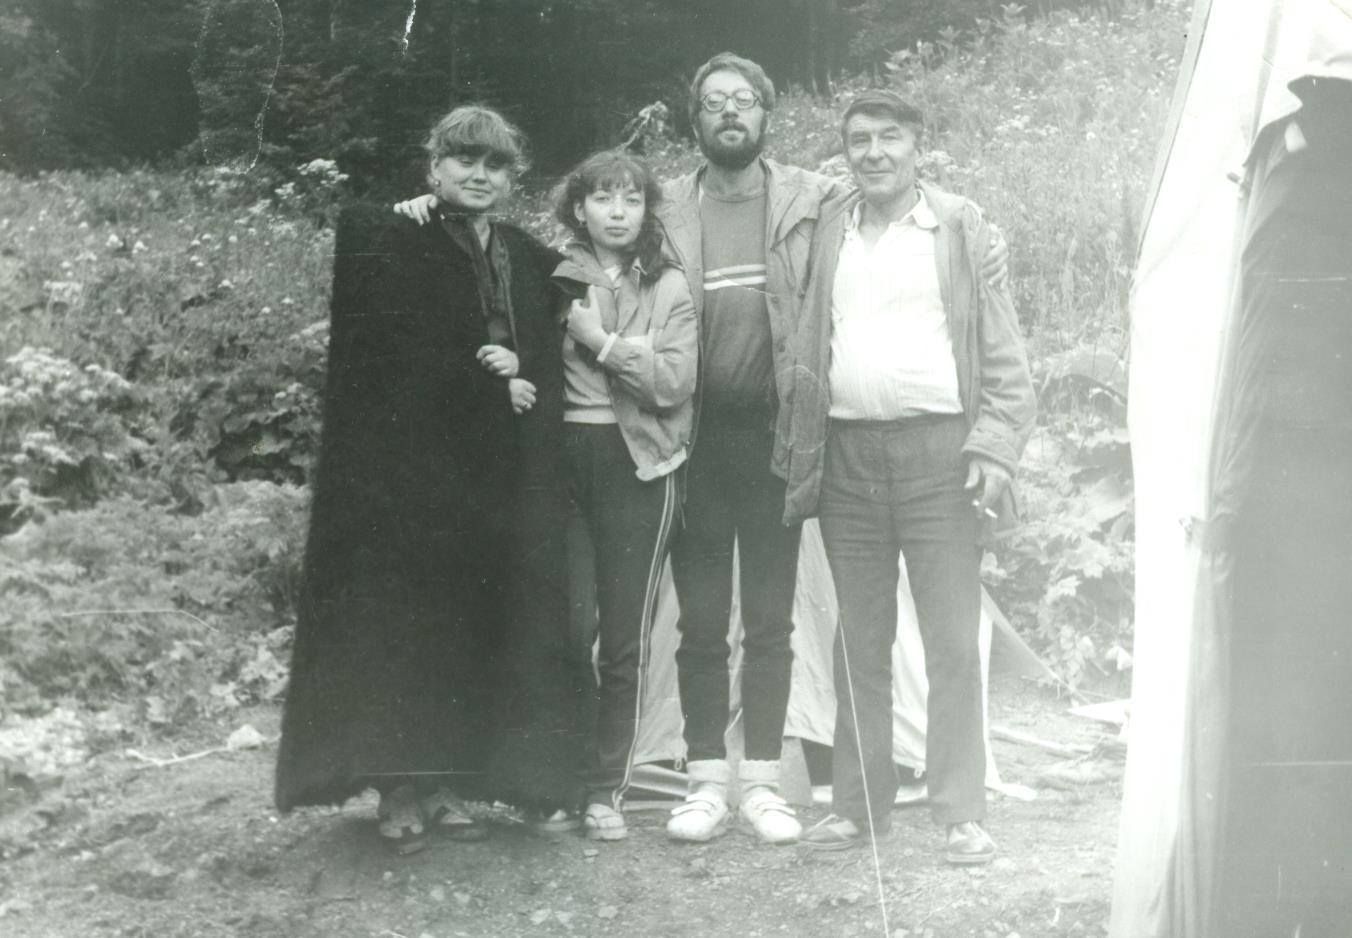 Кавказ, 1986 год, приют Армянский, маршрут 30.Легендарный тридцатый маршрут восстановлен и успешно действует